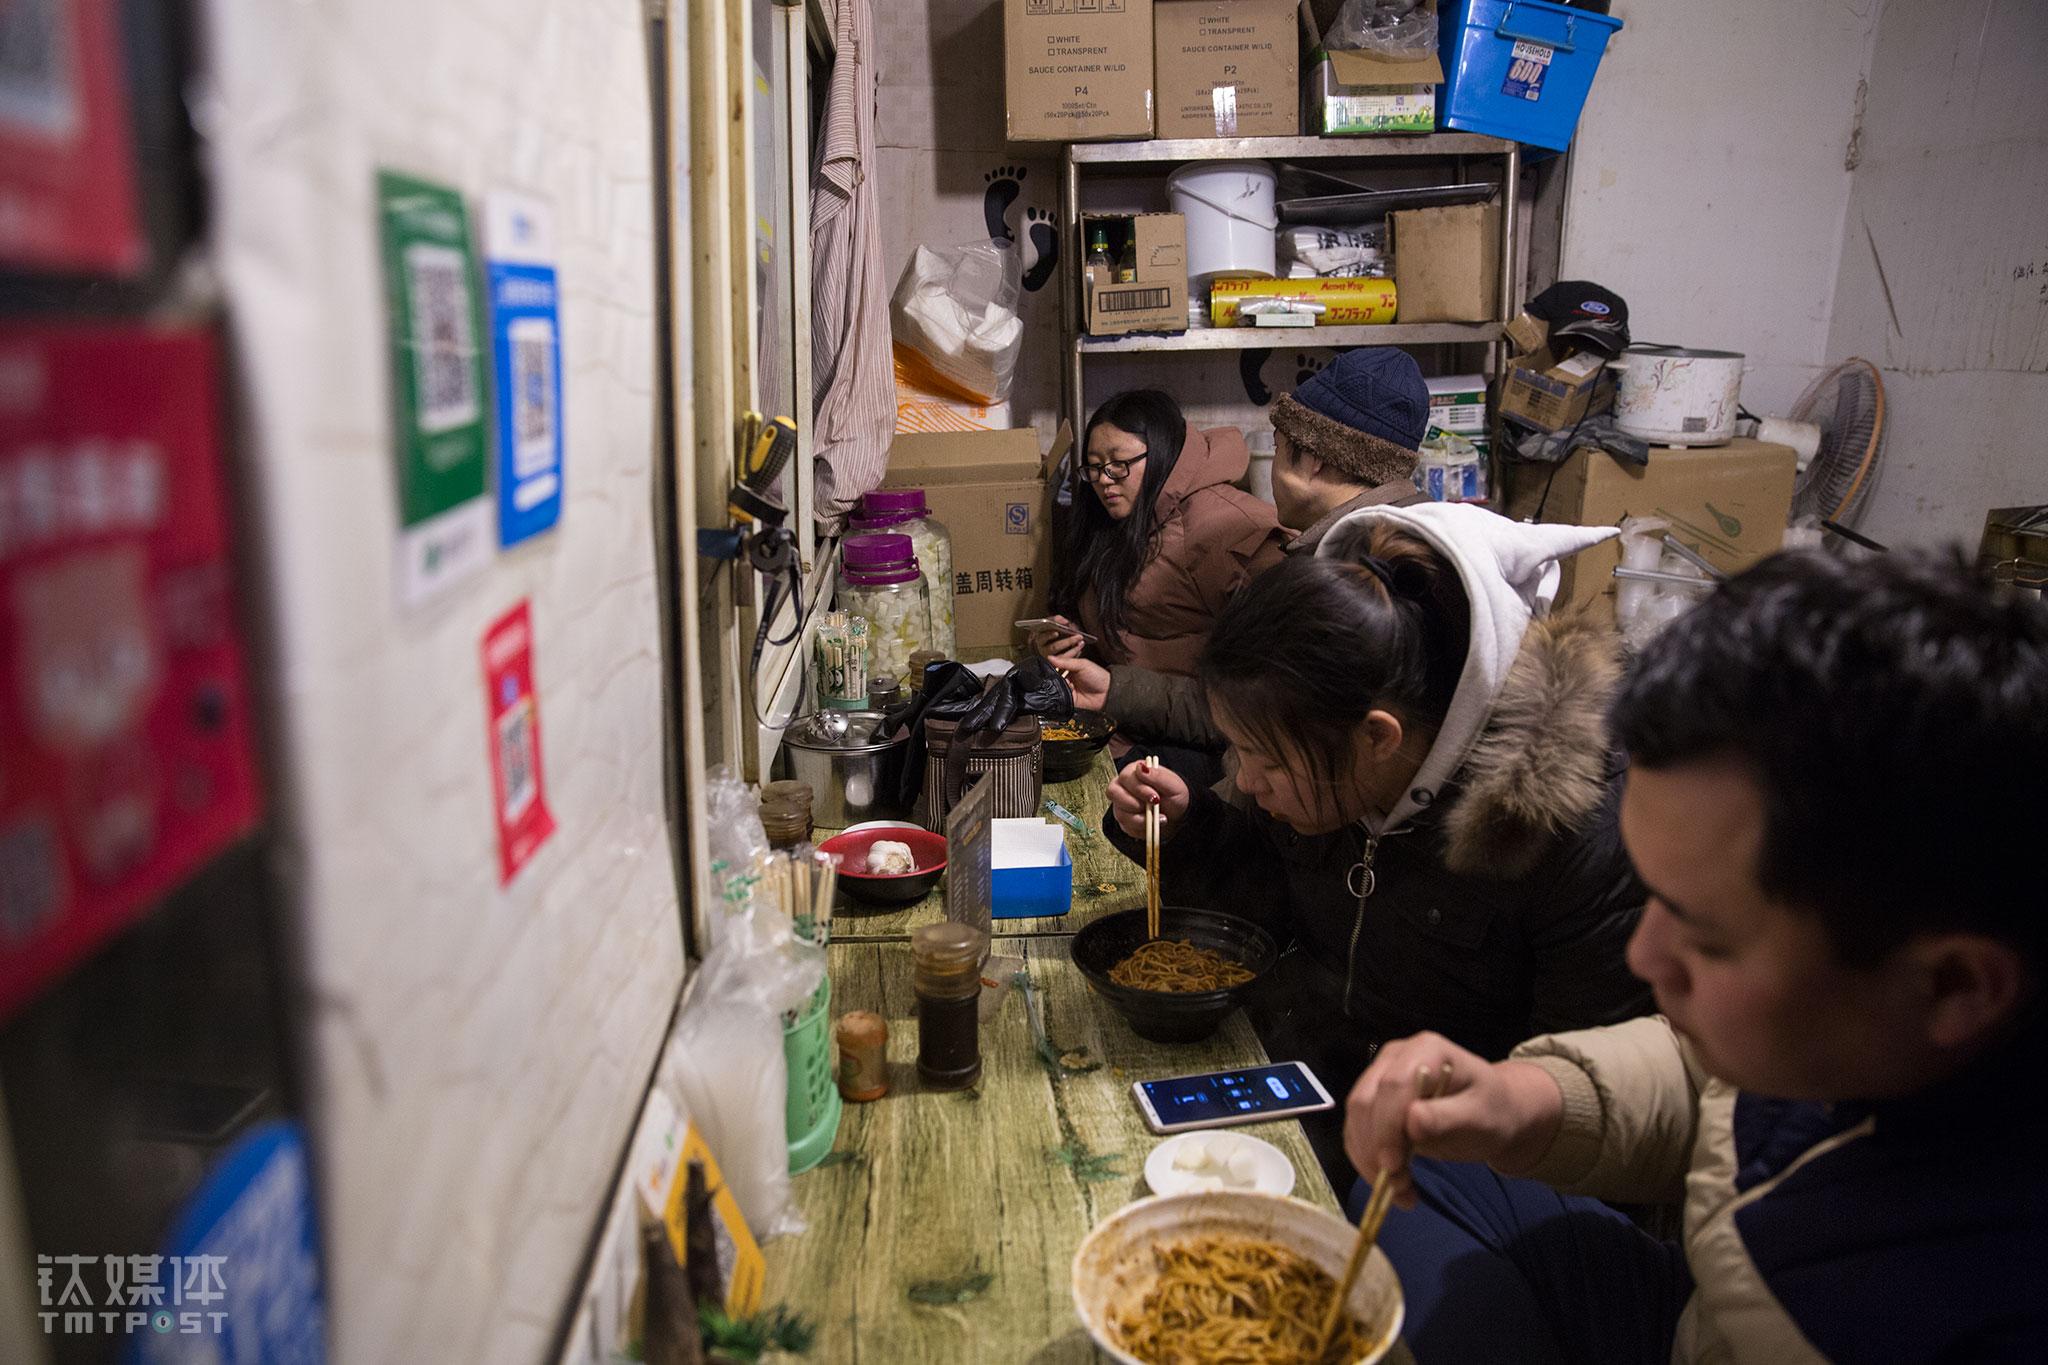 最开始,在这个空间逼仄、环境不太理想的地方,老汤像在武汉一样,把热干面当早点卖,结果根本卖不出去。他接受建议,把早点改成中晚餐,再利用外卖平台,生意很快好了起来,附近上班族和传媒大学学生是他们的主要客源。